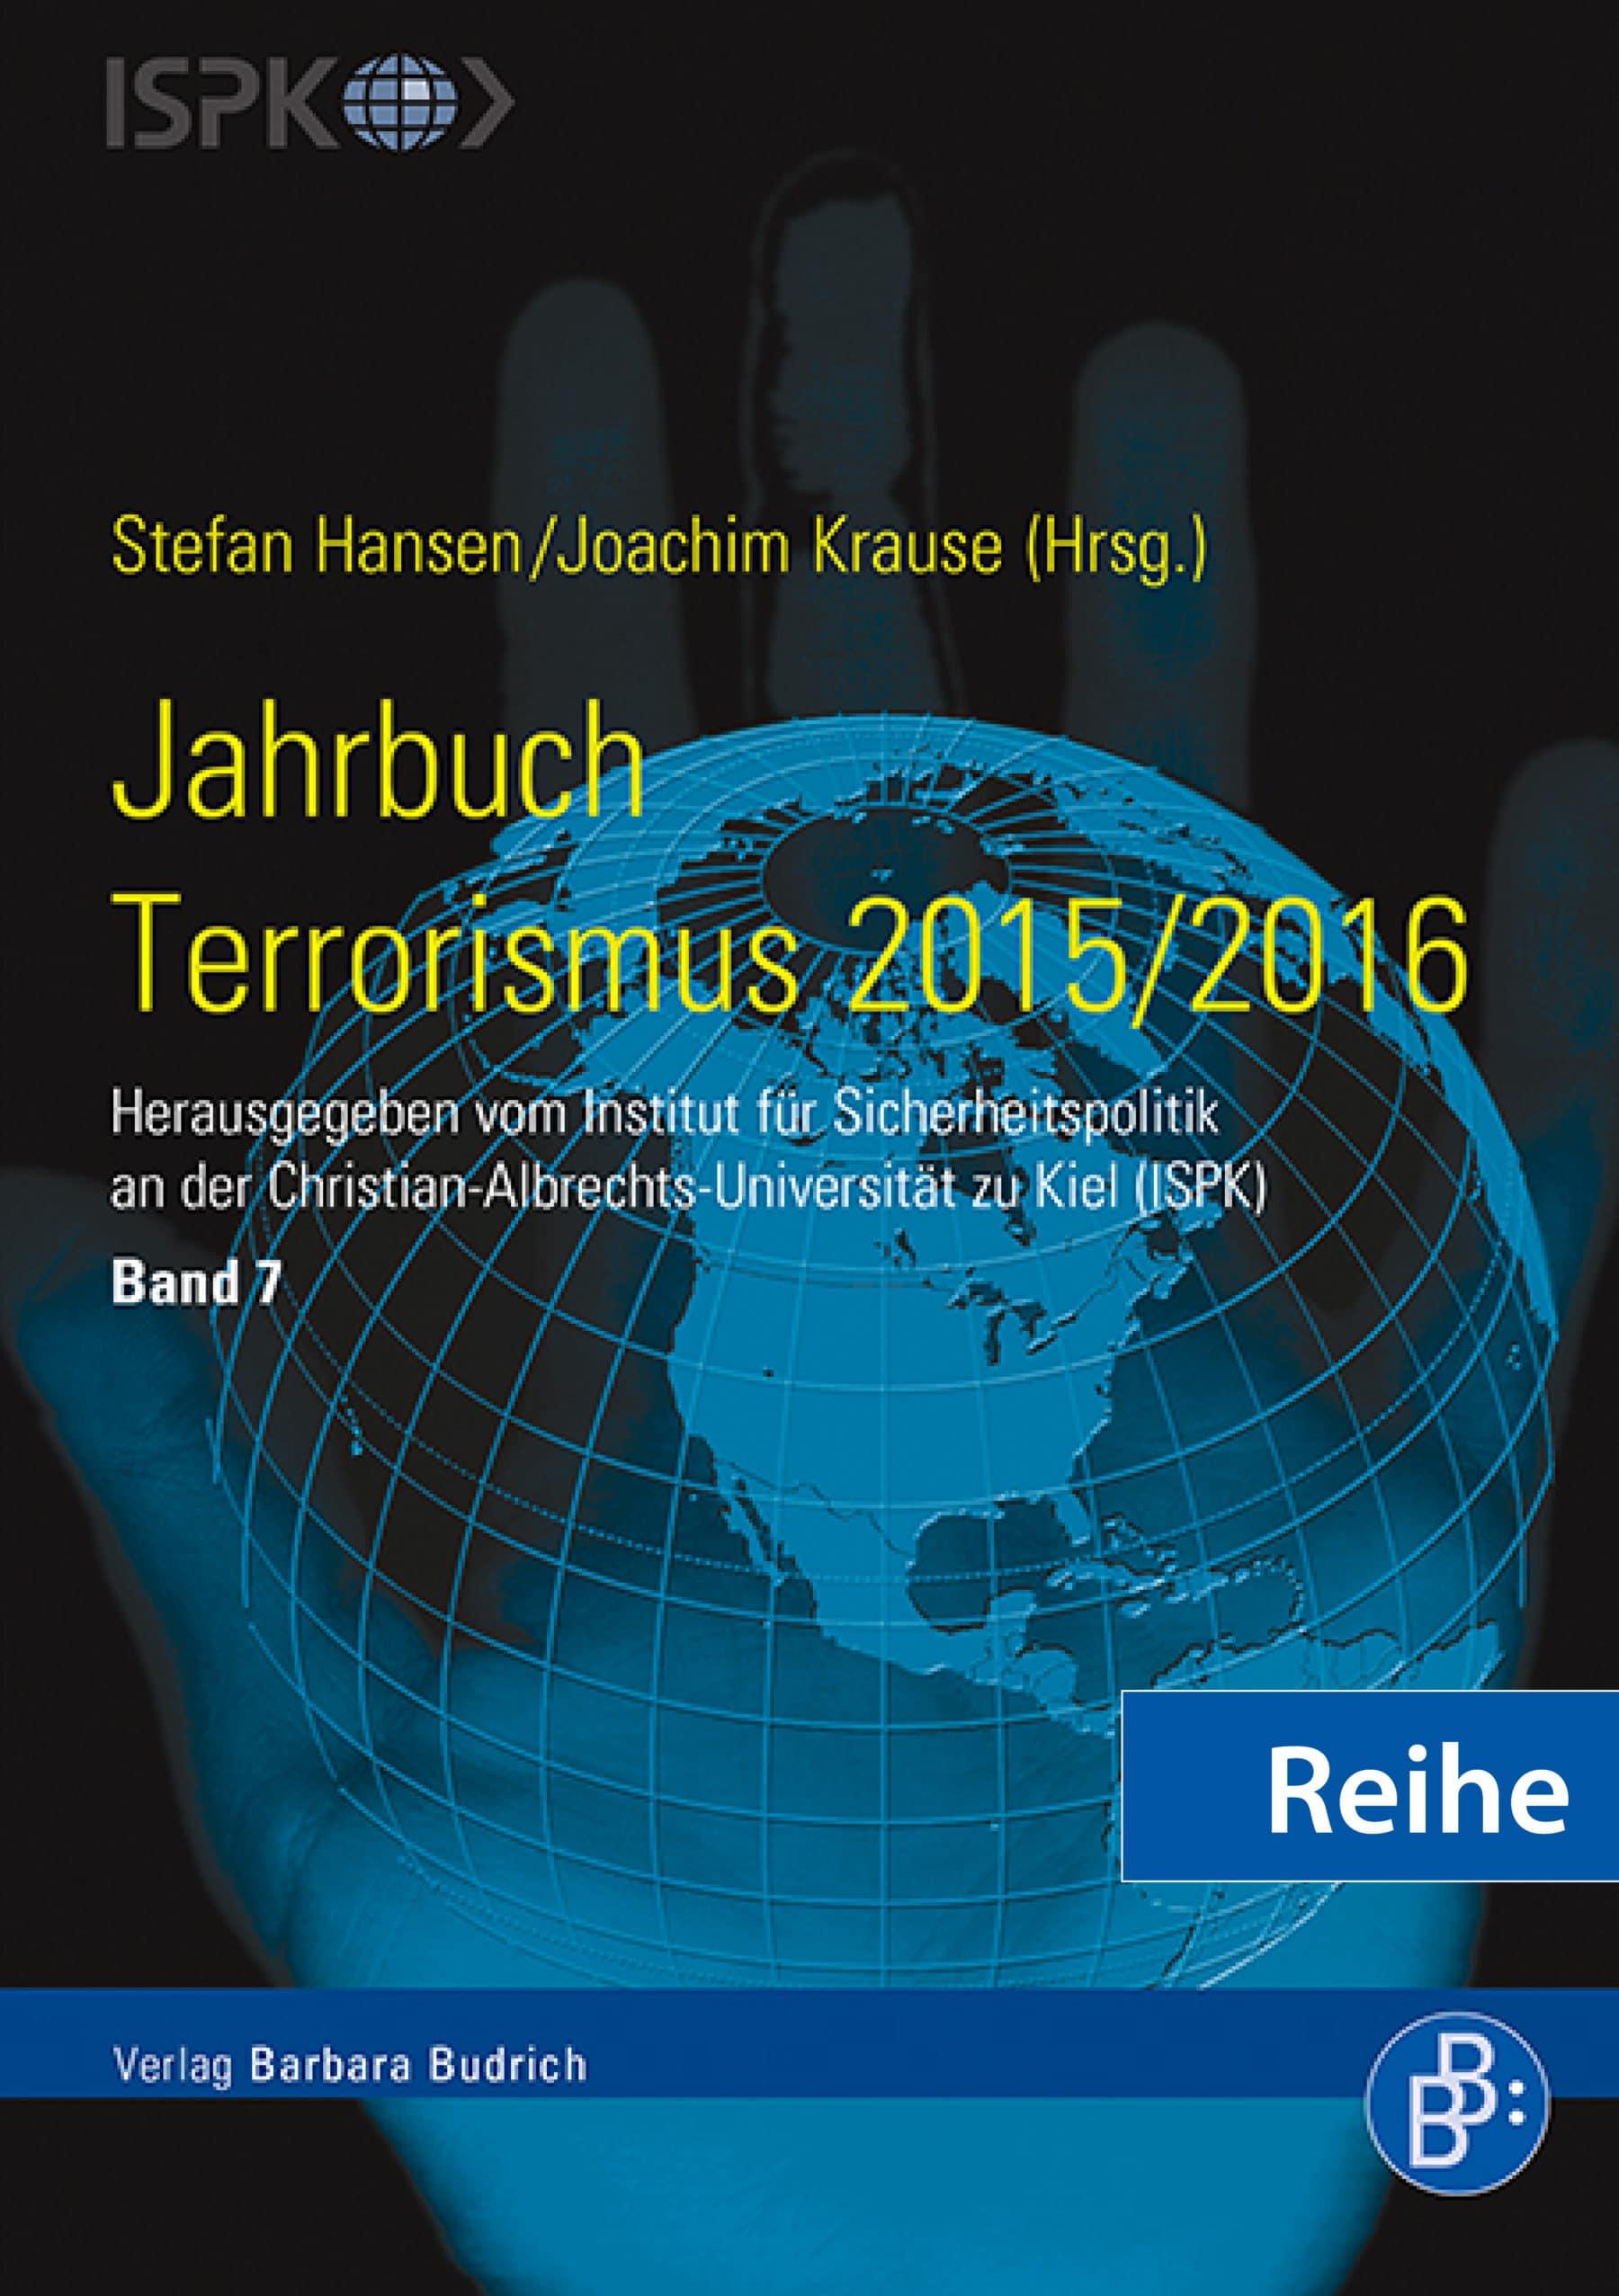 Reihe - Jahrbuch Terrorismus